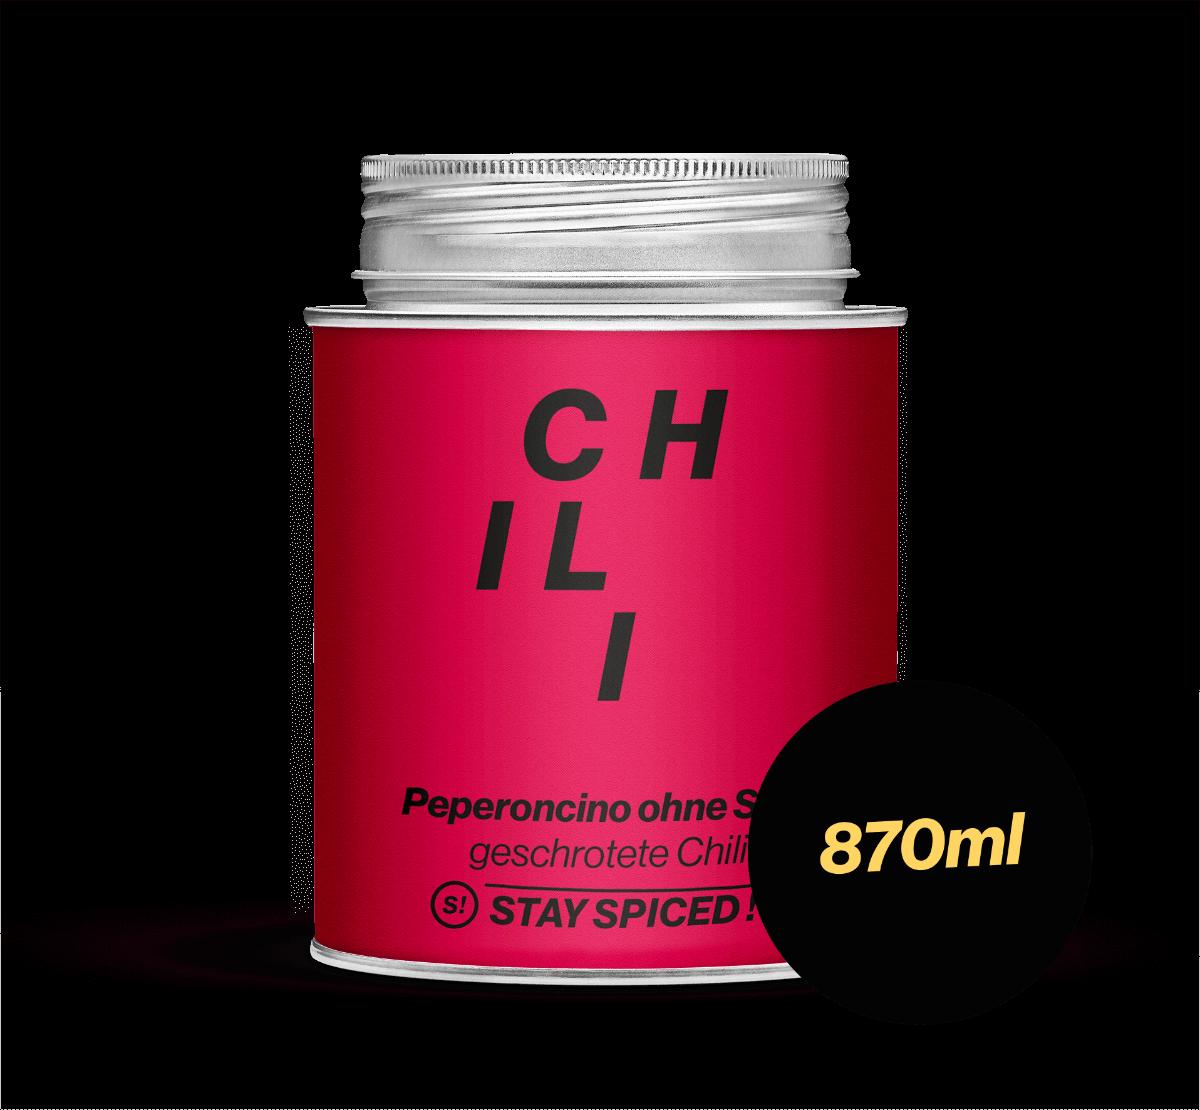 Chili / Peperoncino rot mild geschr. ohne Saat, 870 ml Schraubdose 870ml Schraubdose